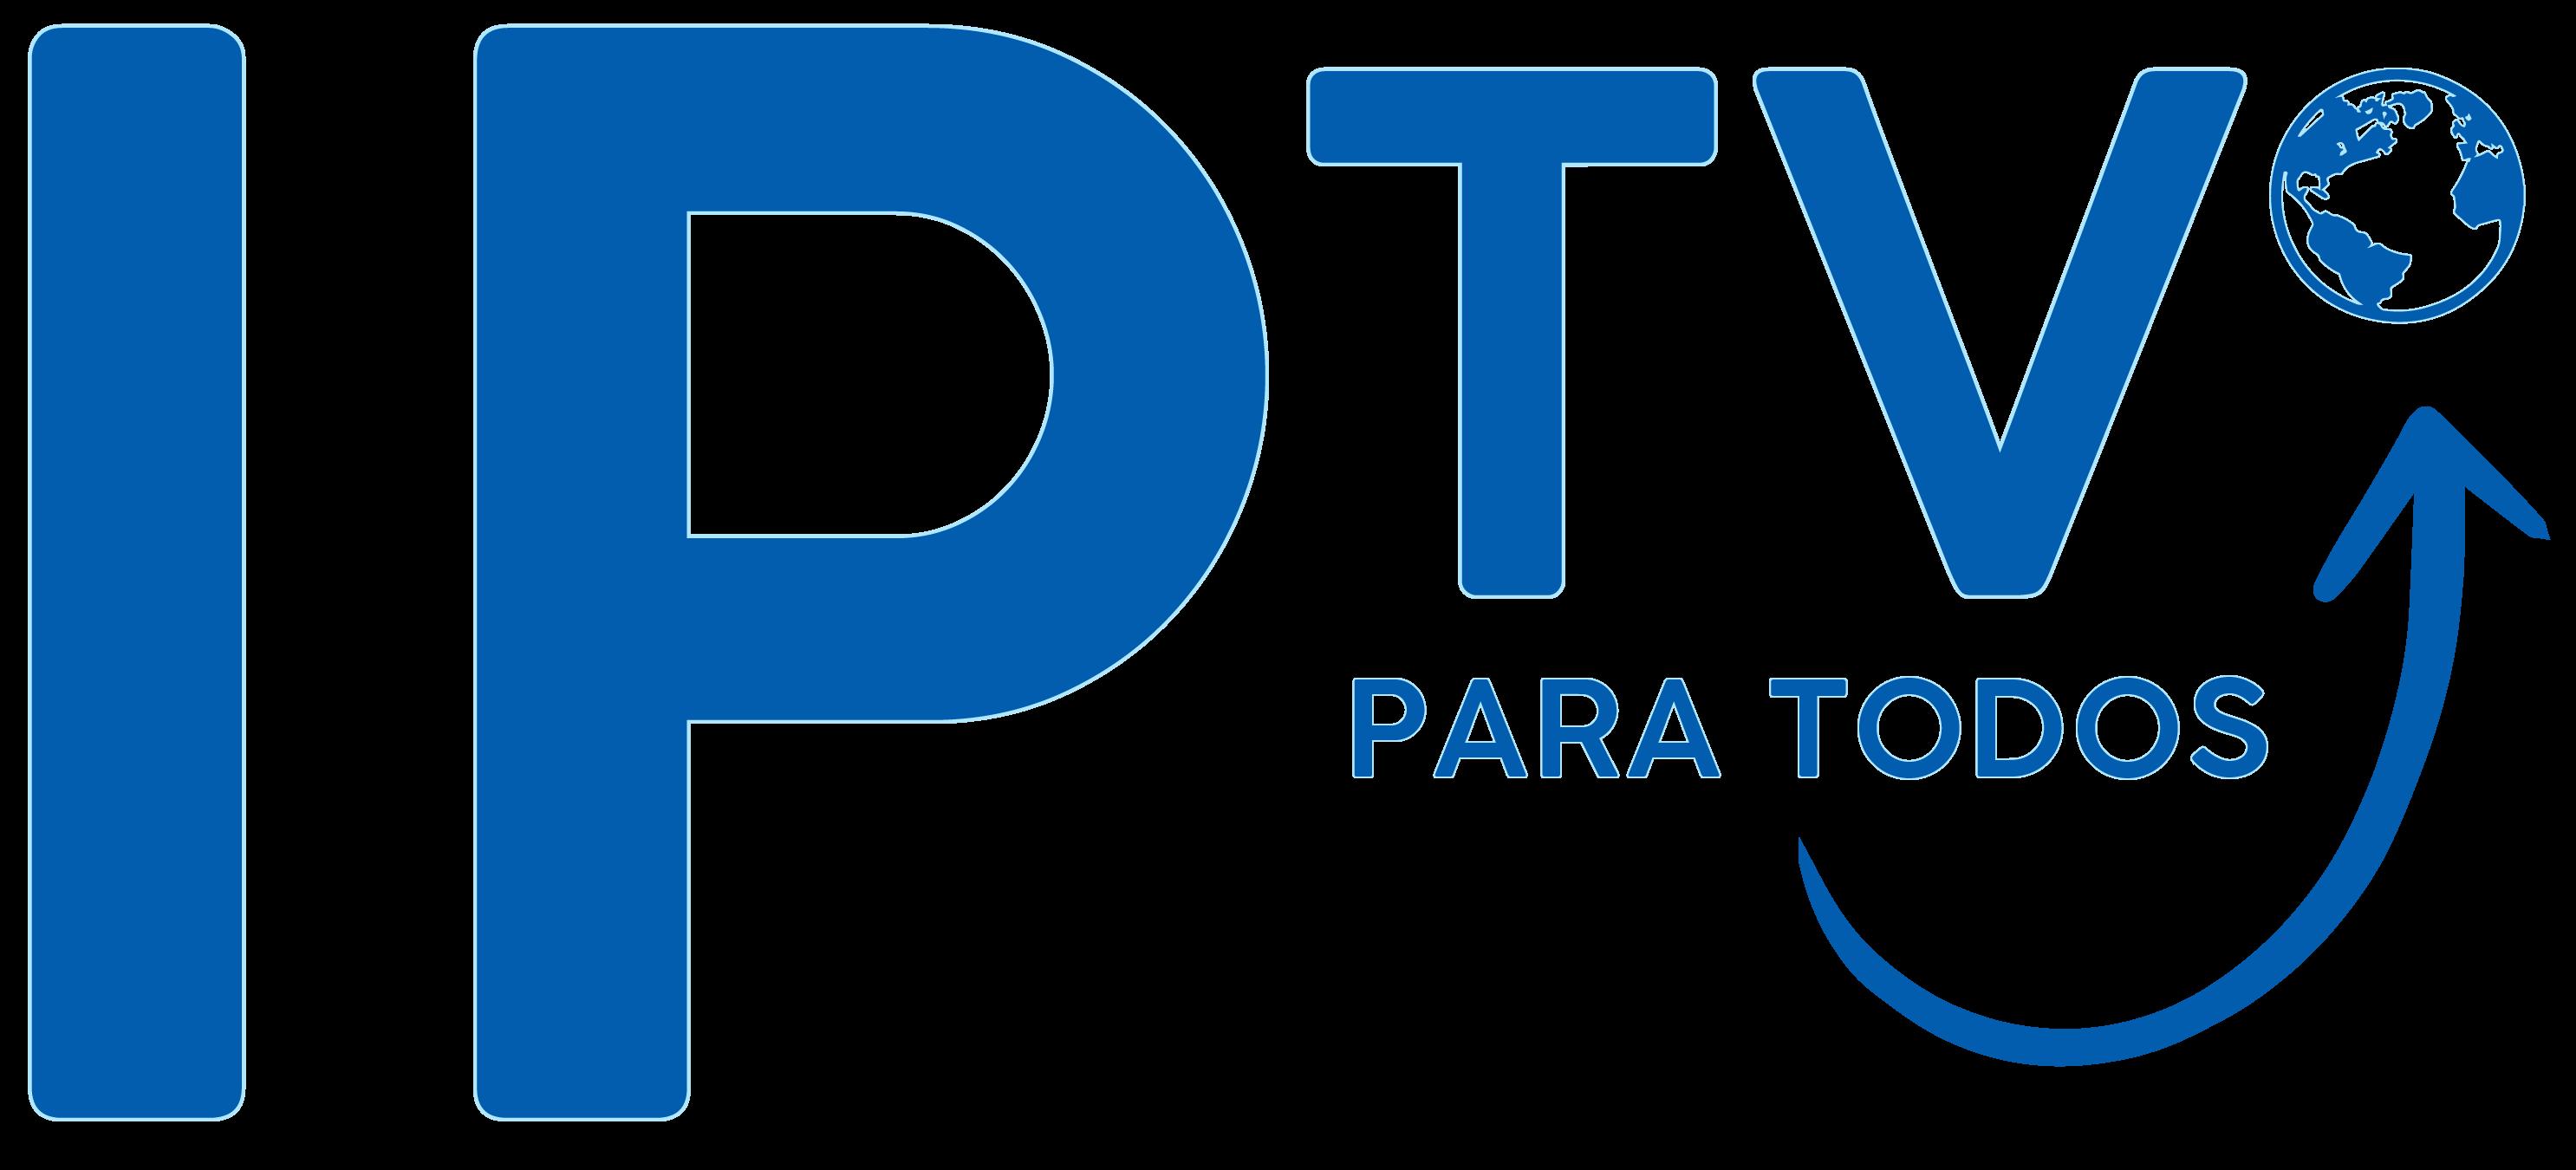 IPTV PARA TODOS